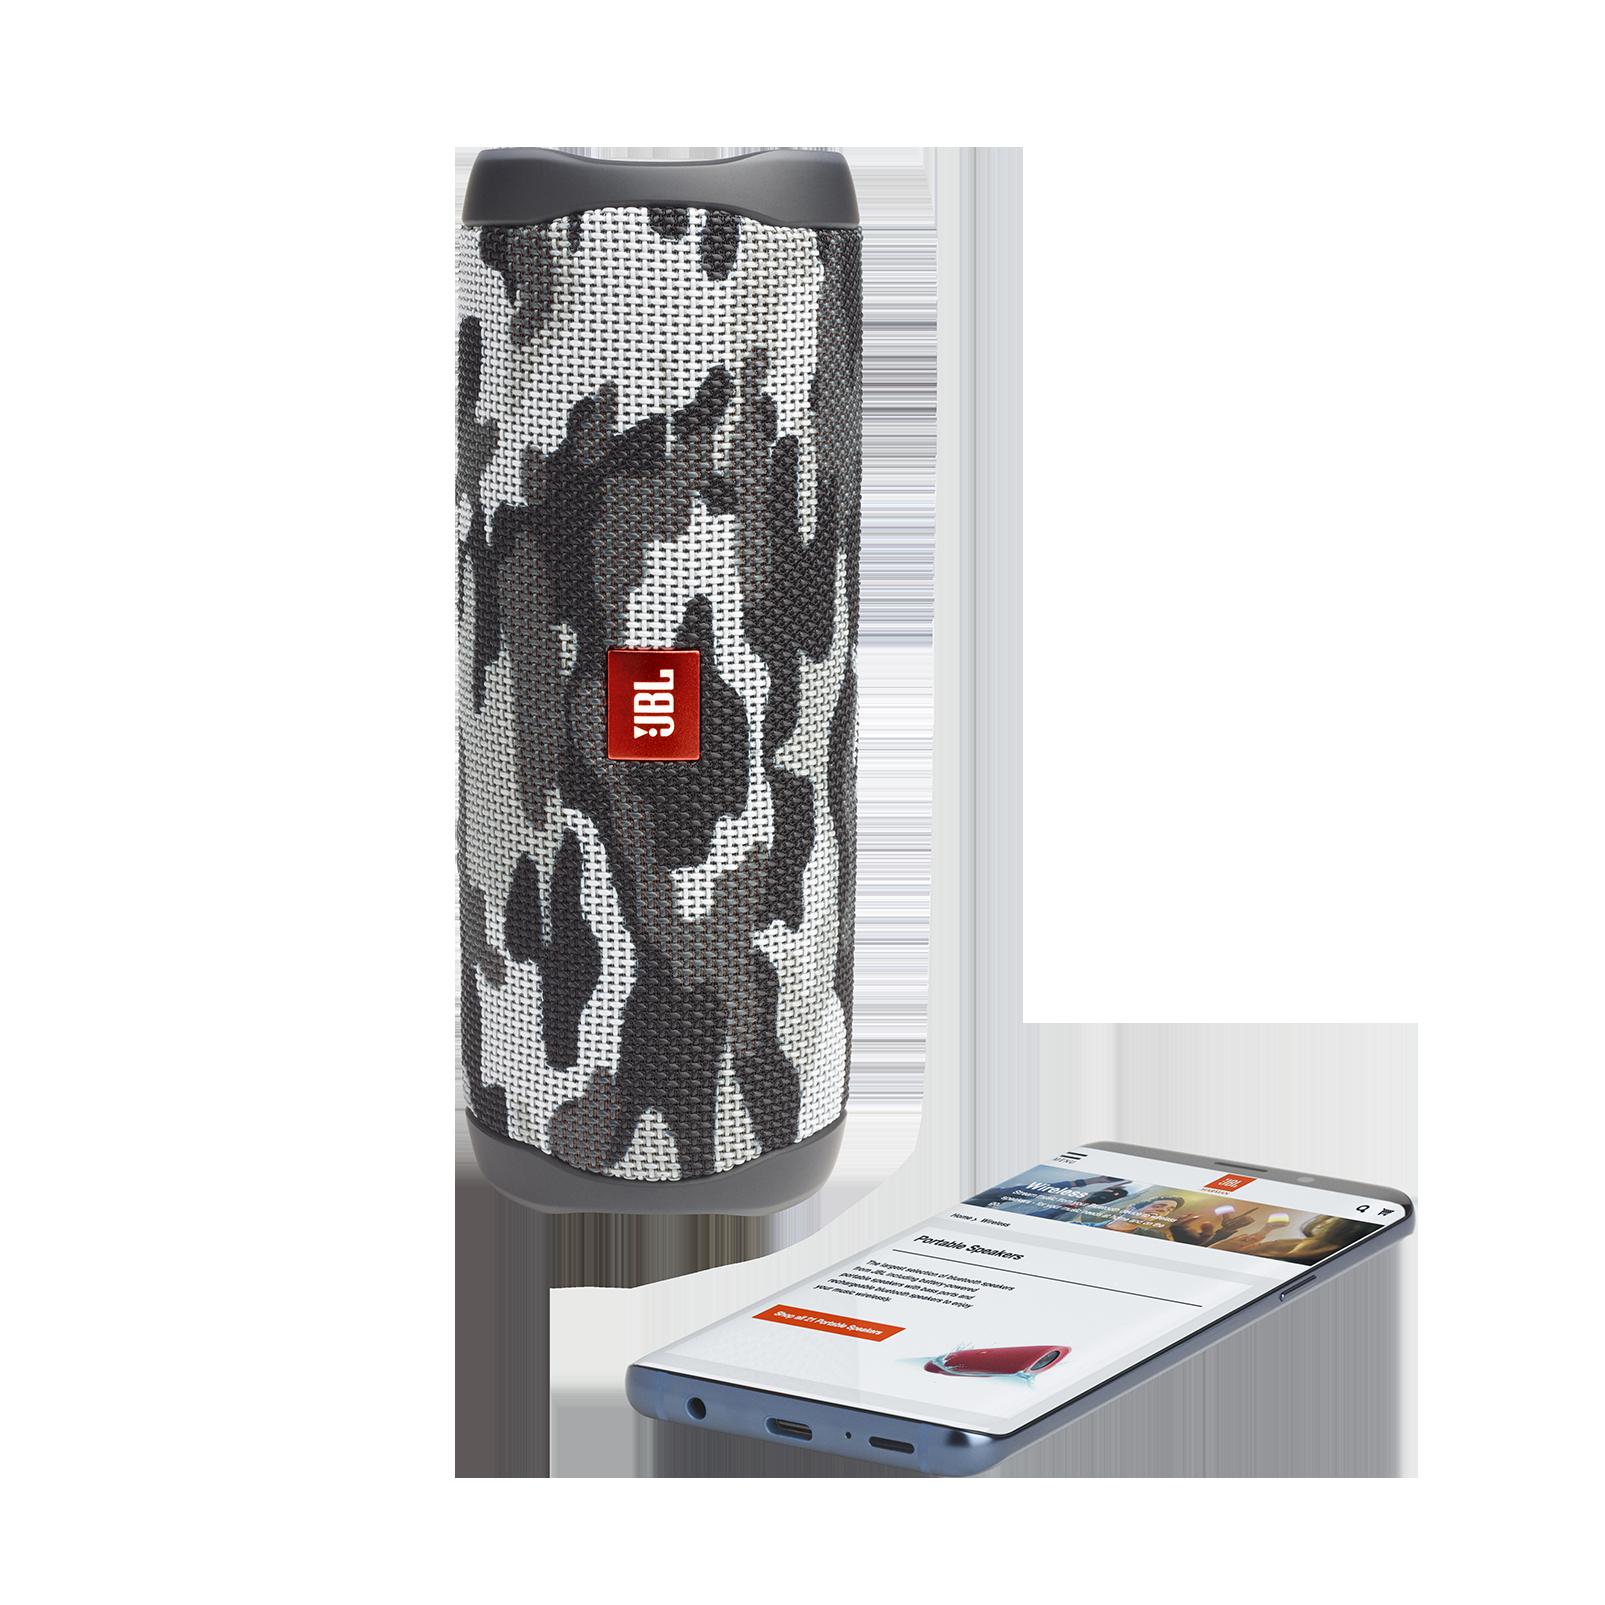 JBL FLIP 5 - Black Camo - Portable Waterproof Speaker - Front